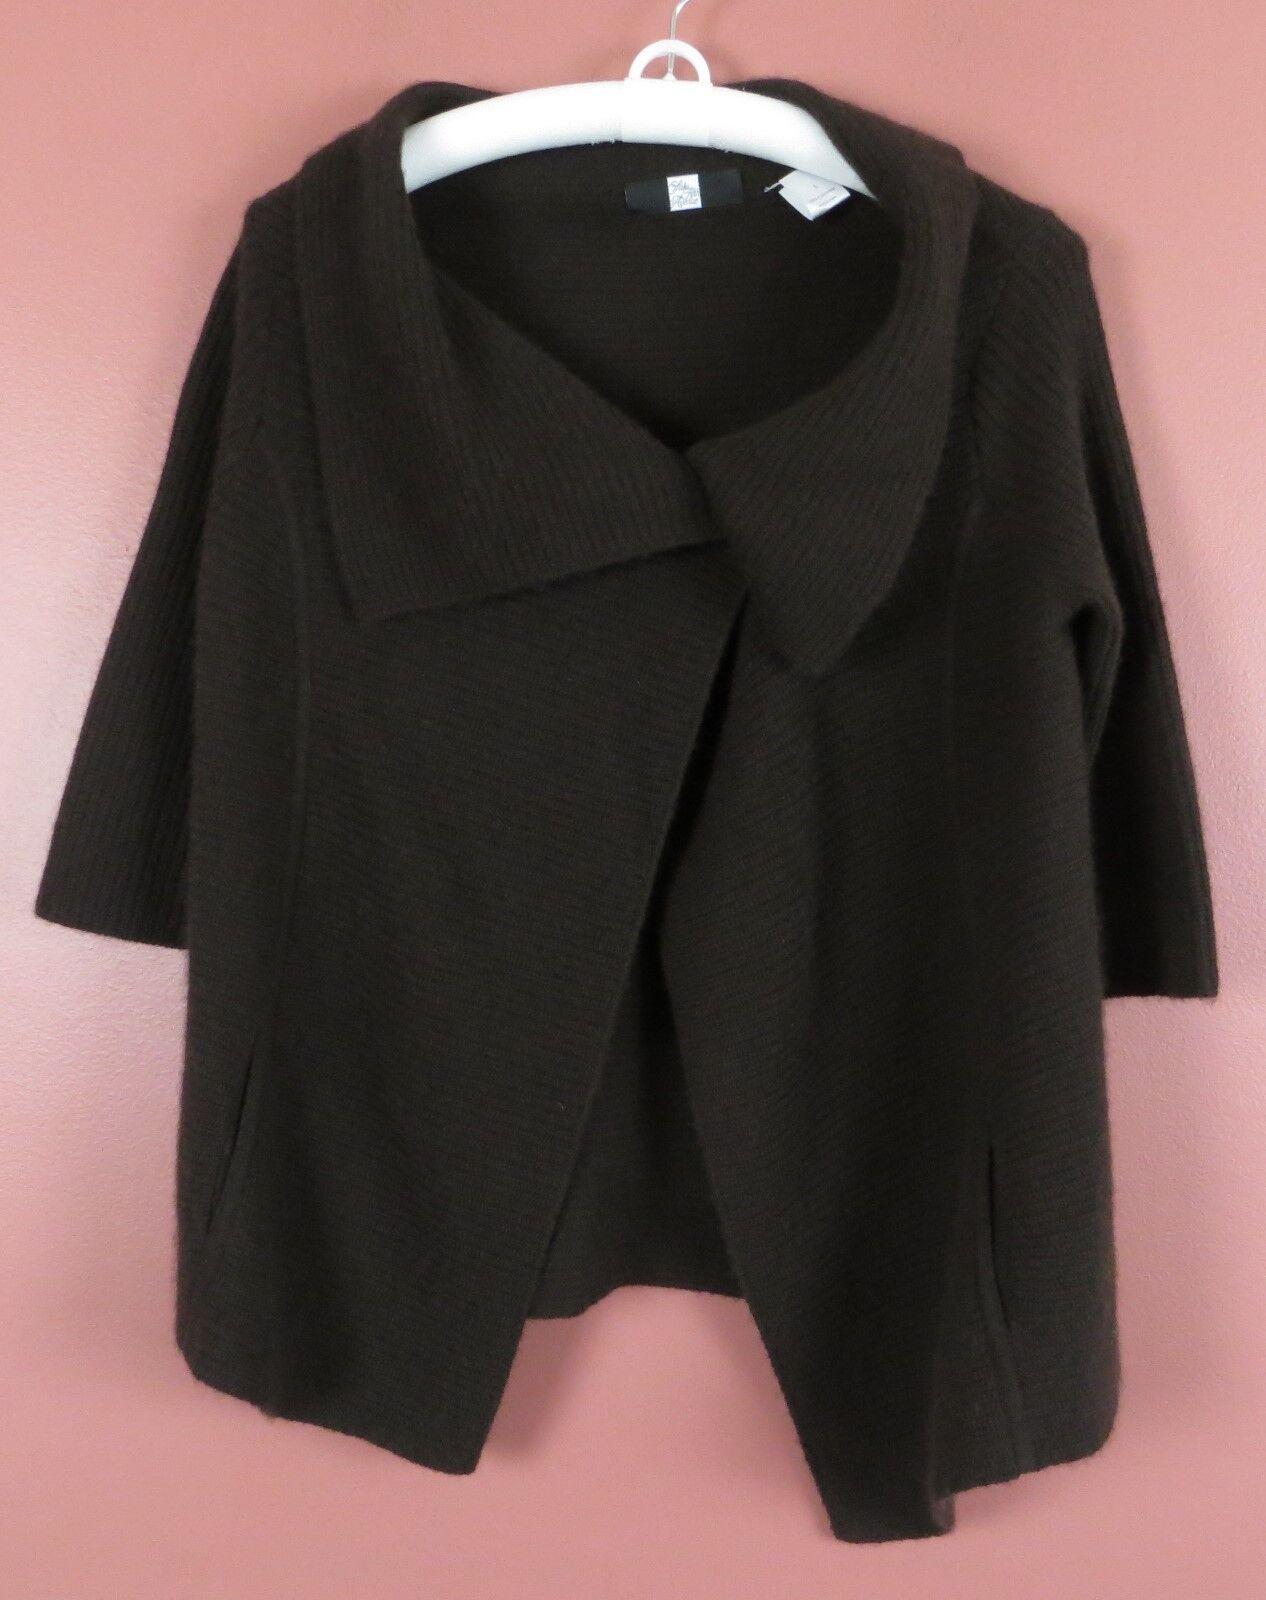 NEW James Perse Classic Zip Vintage Fleece Hoodie- Heather grigio grigio grigio - Size Small / 1 b742a0